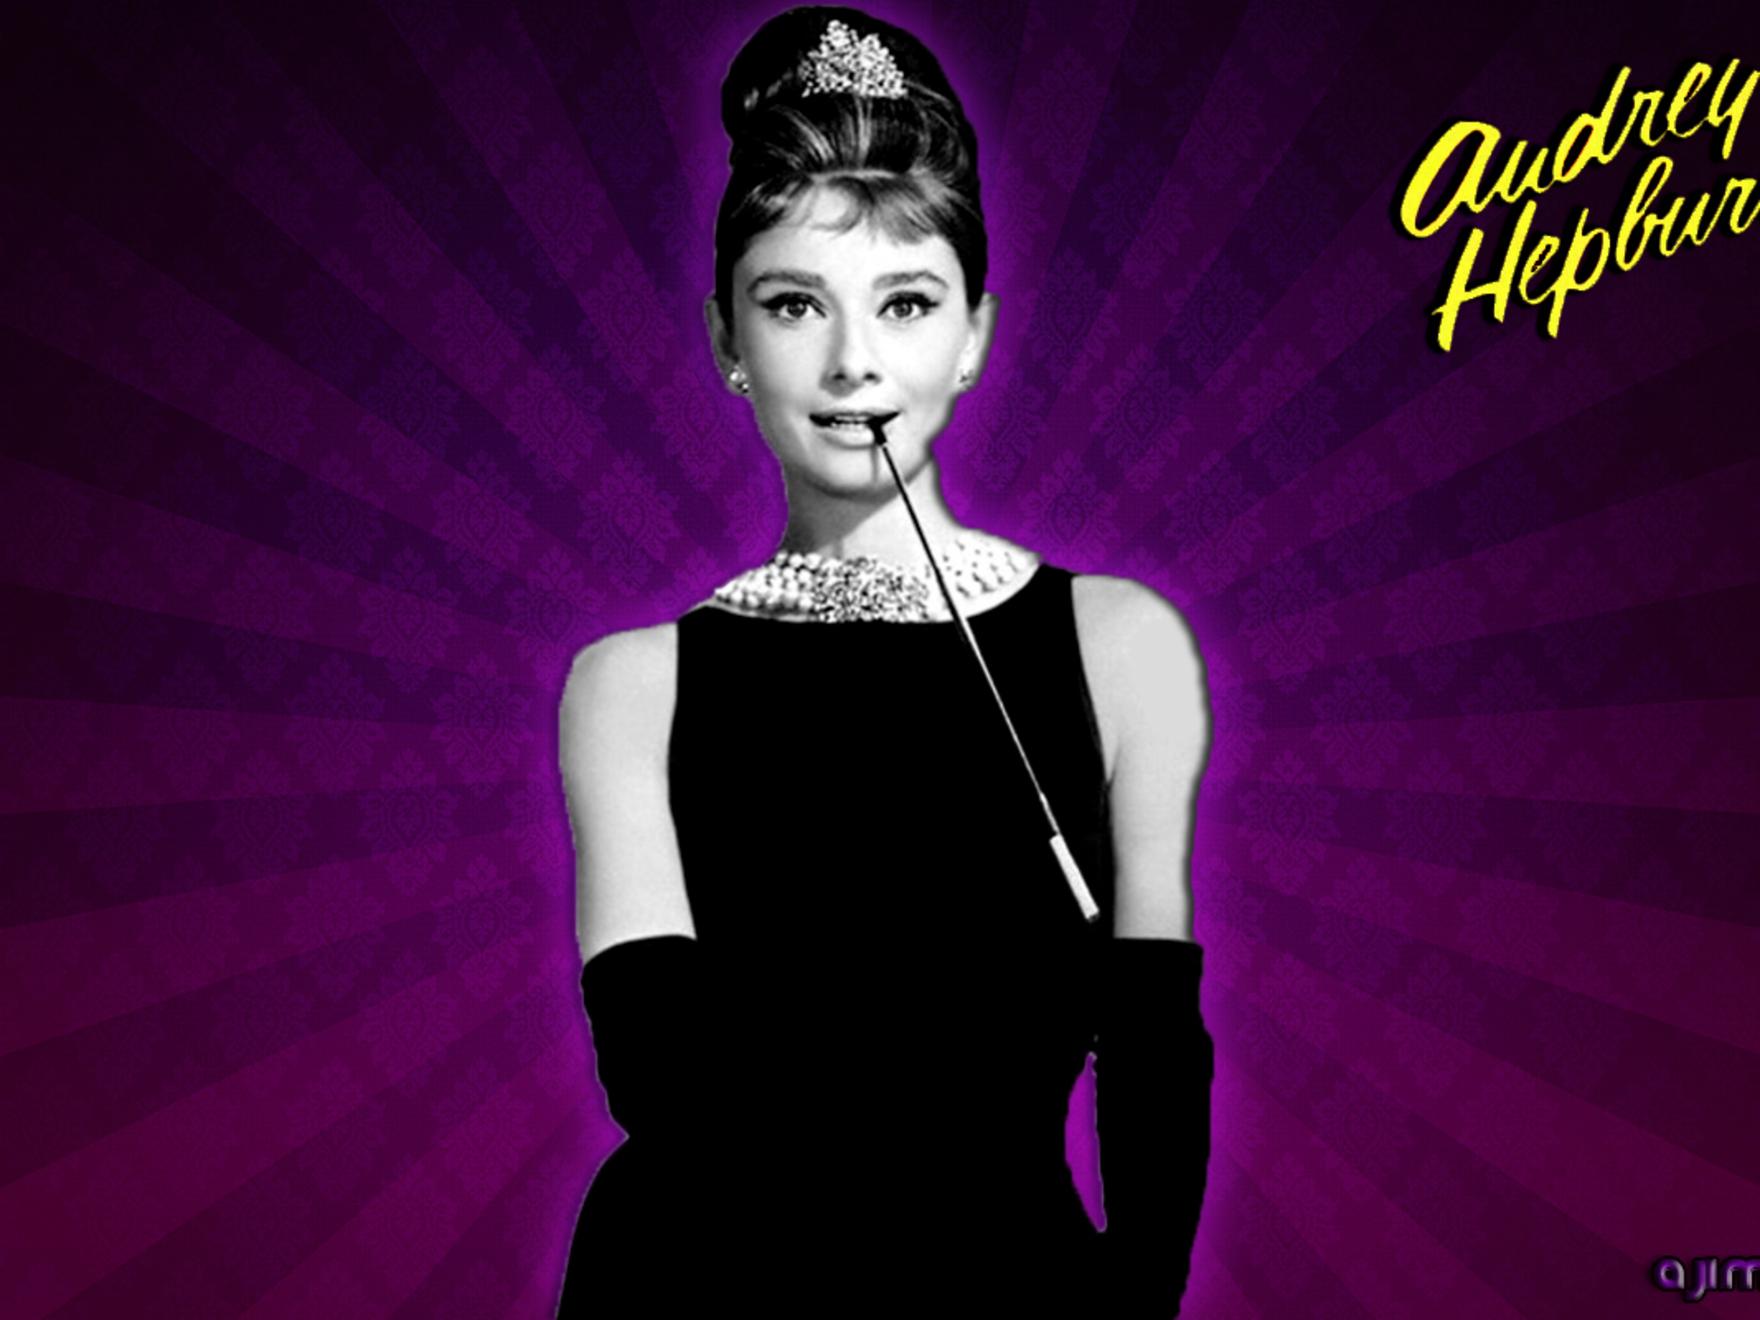 Audrey Hepburn Wallpapers Audrey Hepburn Backgrounds Audrey Hepburn 1760x1320